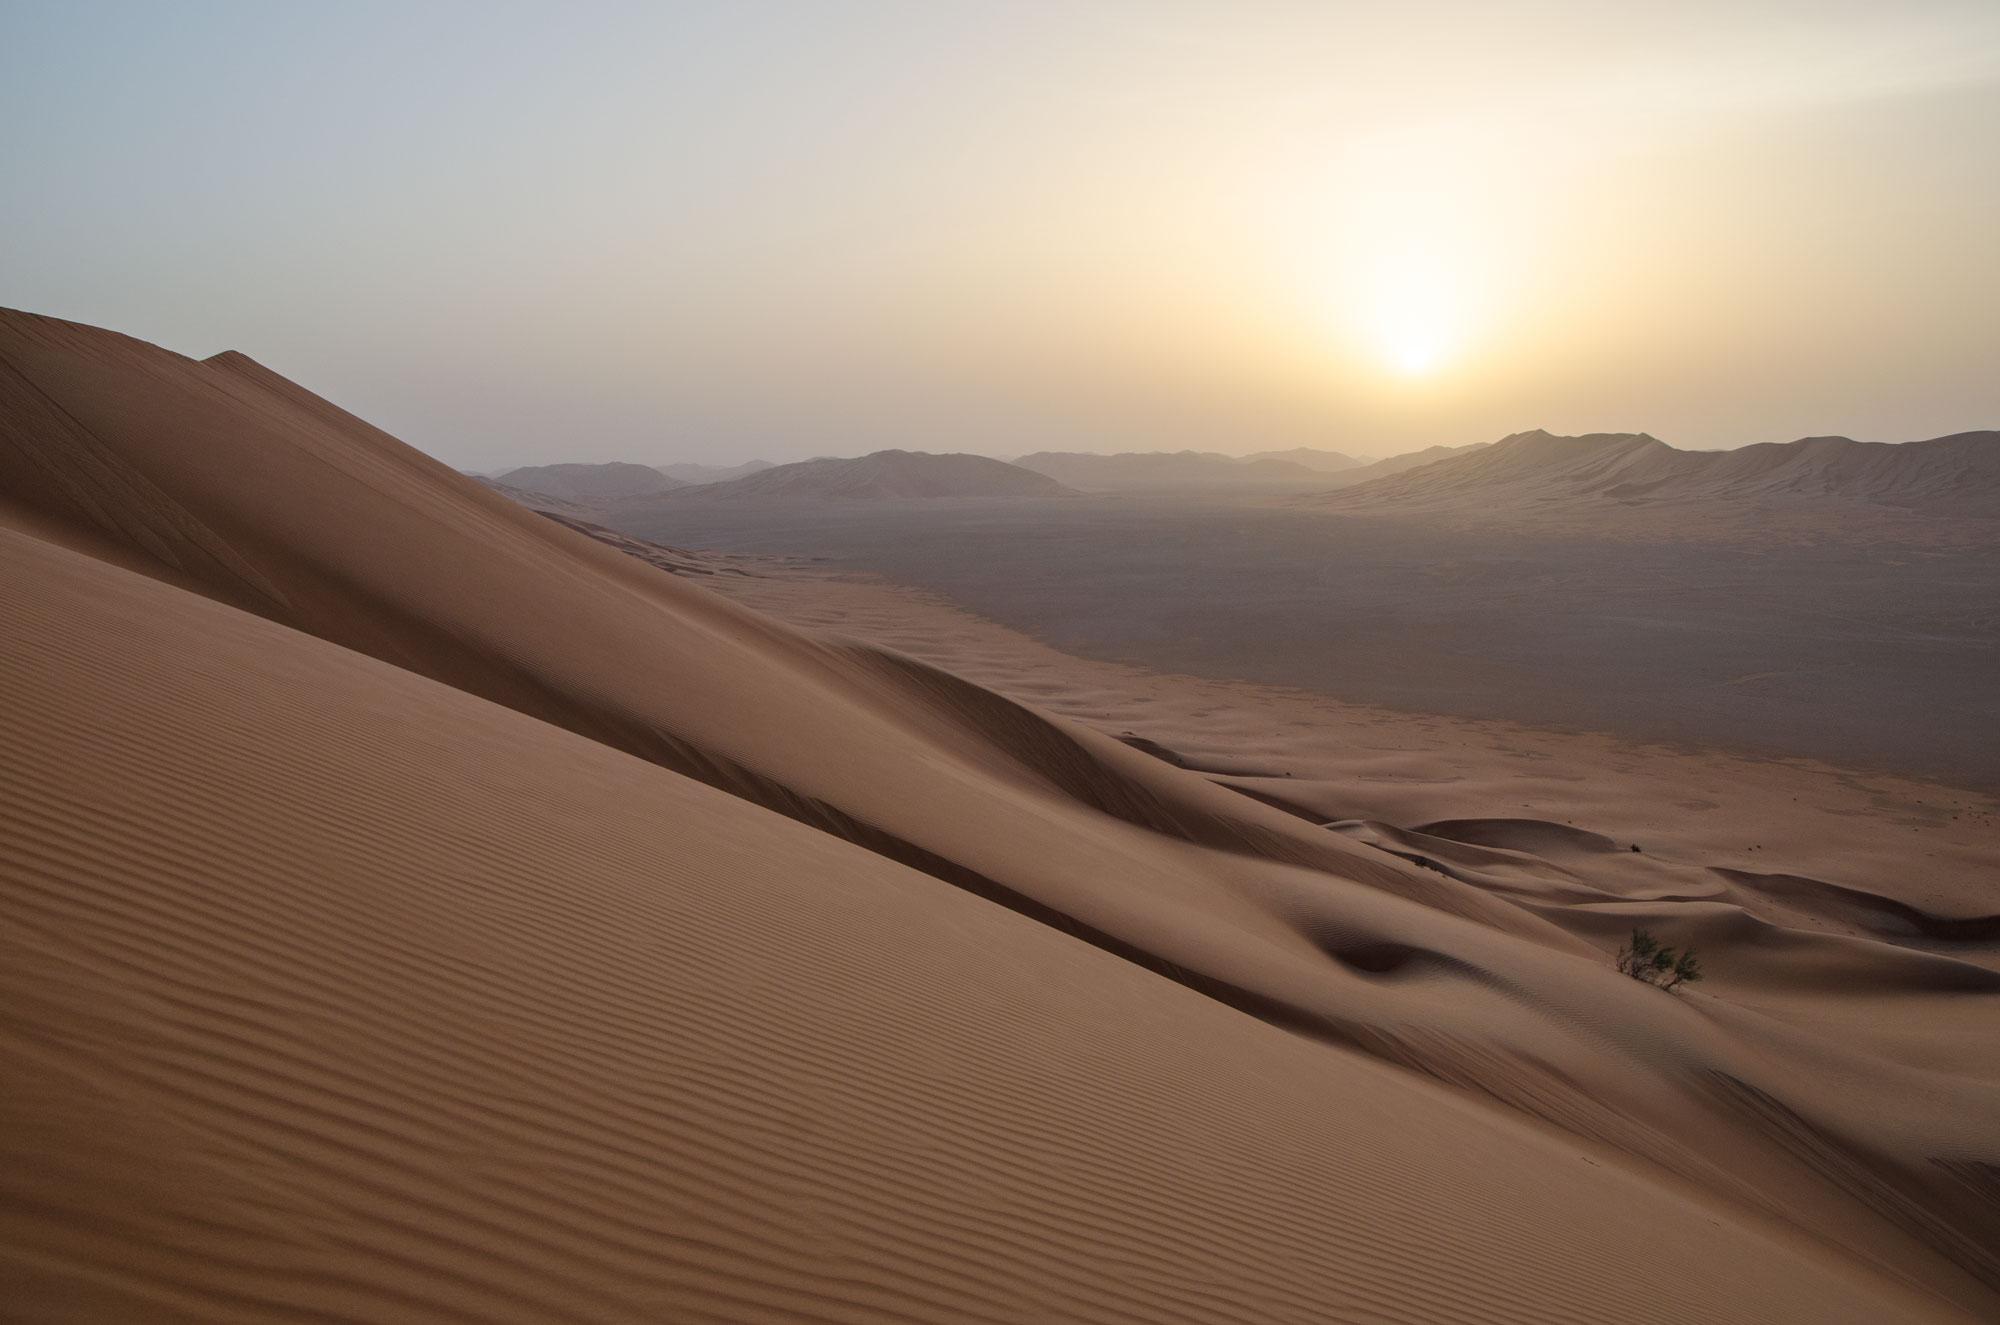 Nach dem Schlaf mit der Sonne aufstehen und den Sonnenaufgang über den Dünen beobachten. Foto: Lothar Ruttner